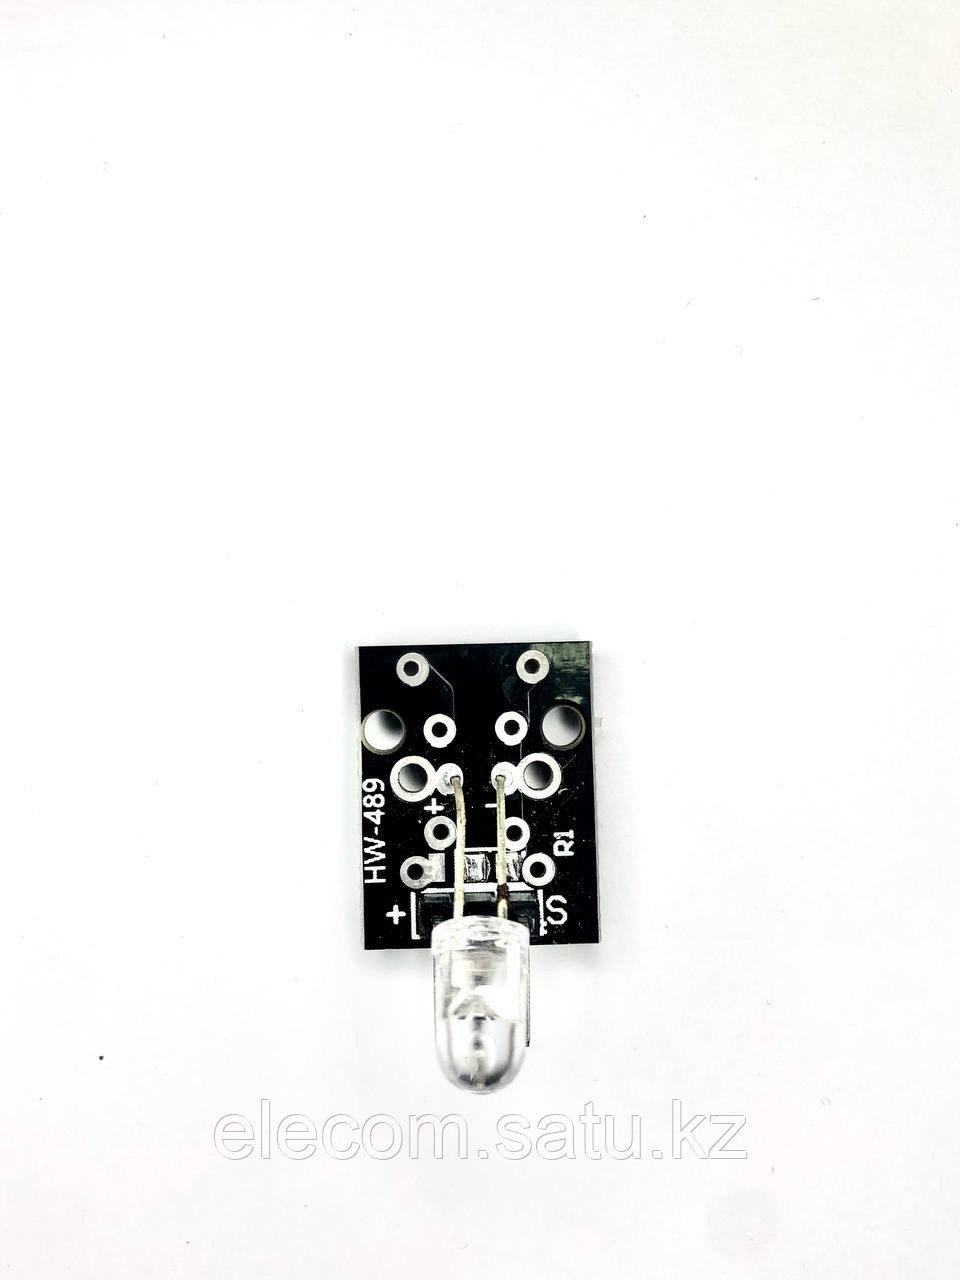 Инфракрасный модуль HW-489